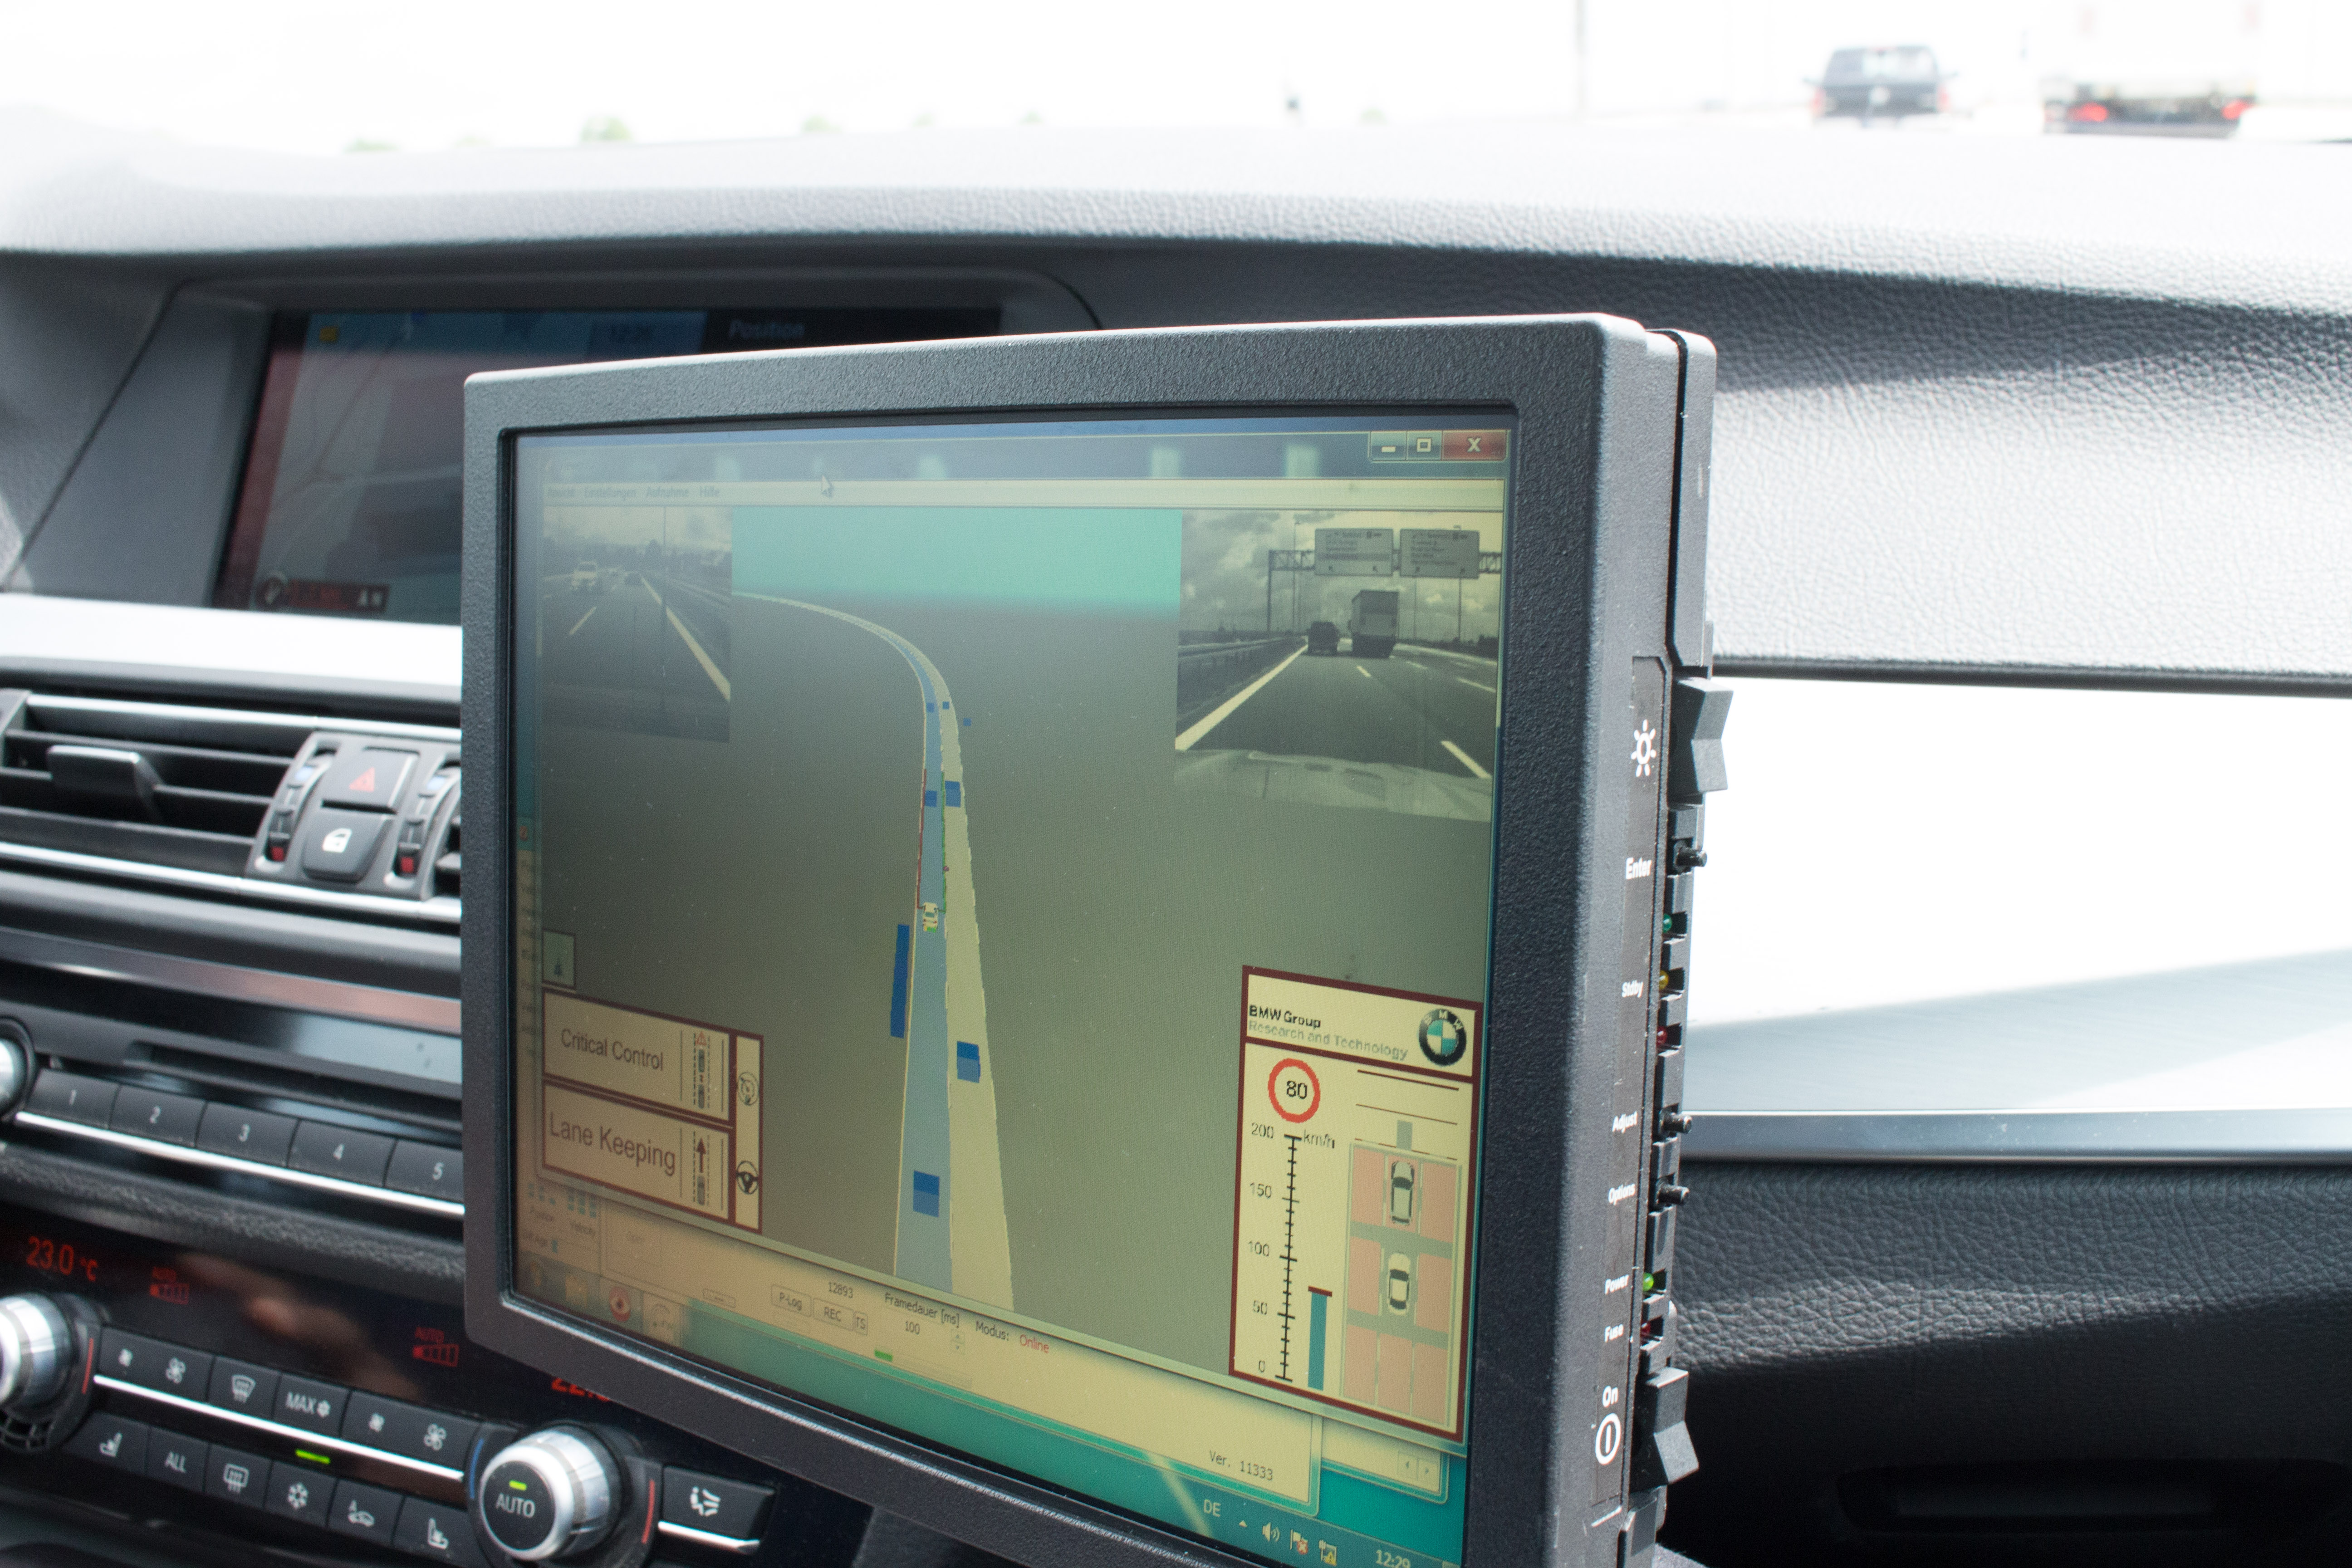 Autonomes Fahren: Auf dem Highway ist das Lenkrad los - Auf einem Bildschirm ist zu sehen, wie die Sensoren die Umgebung wahrnehmen.  (Foto: Friedhelm Greis/Golem.de)